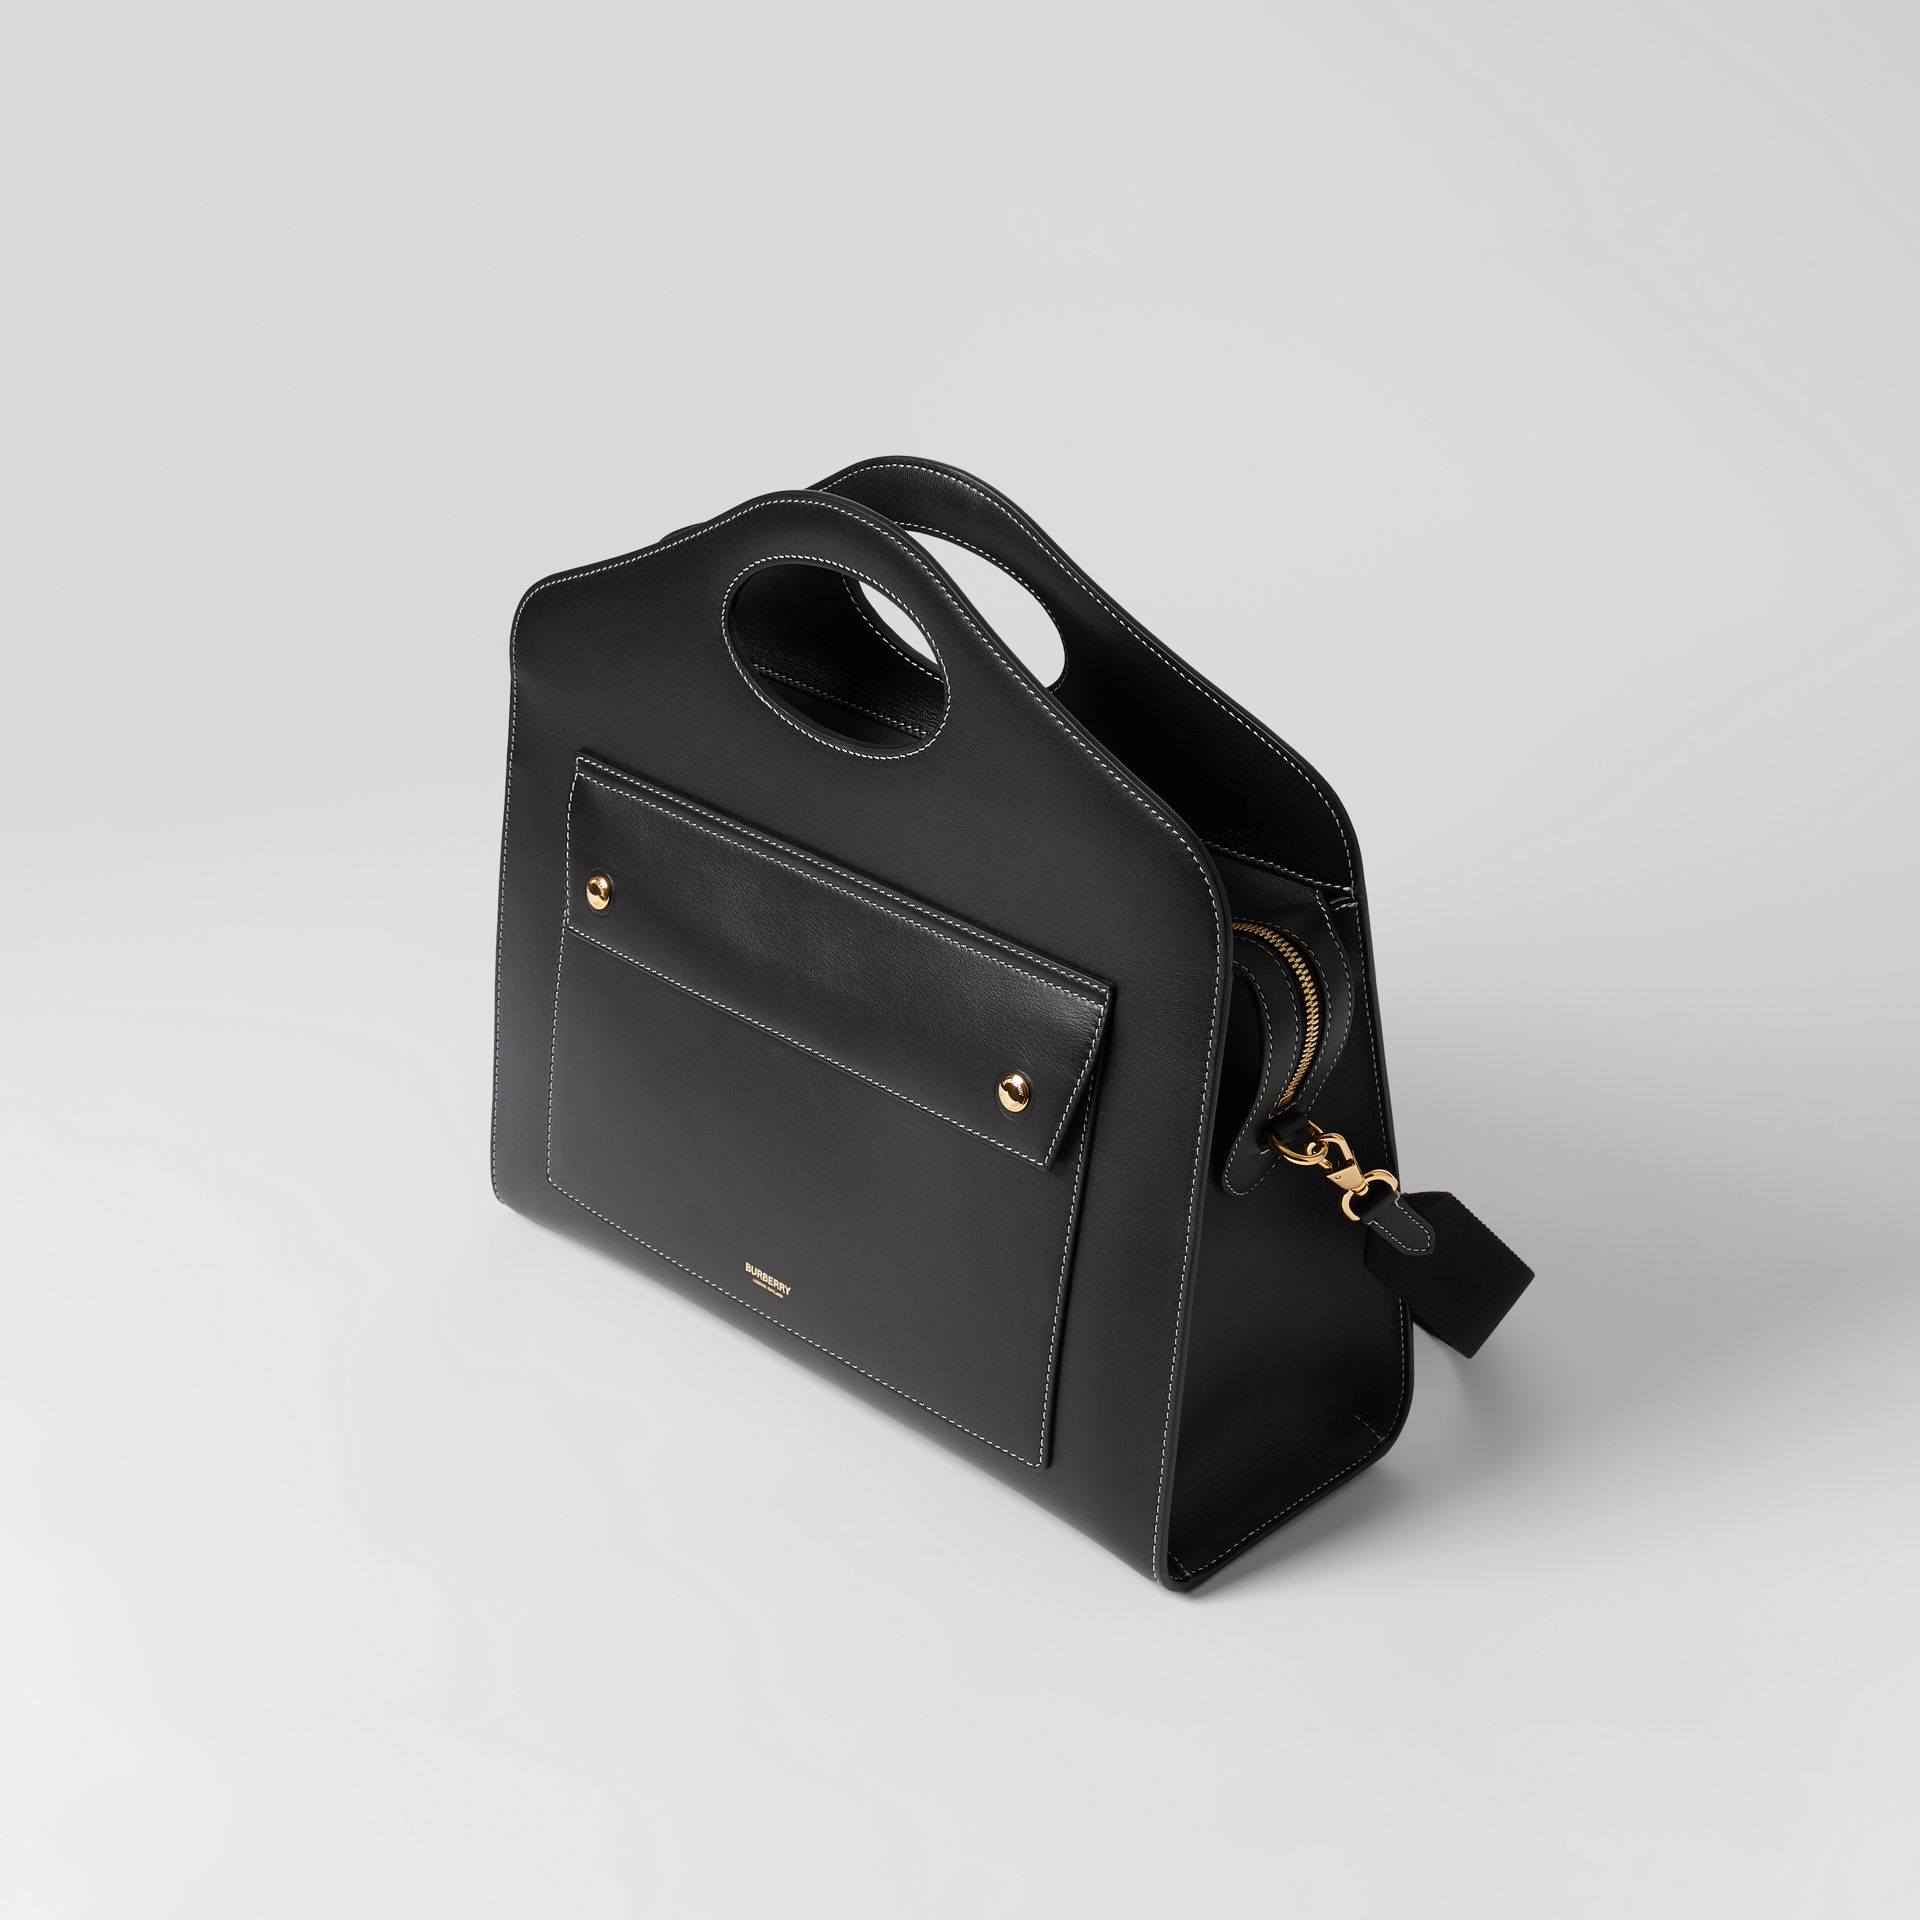 Mittelgroße Leder-Henkeltasche mit Steppnähten (Schwarz) - Damen | Burberry - Galerie-Bild 3